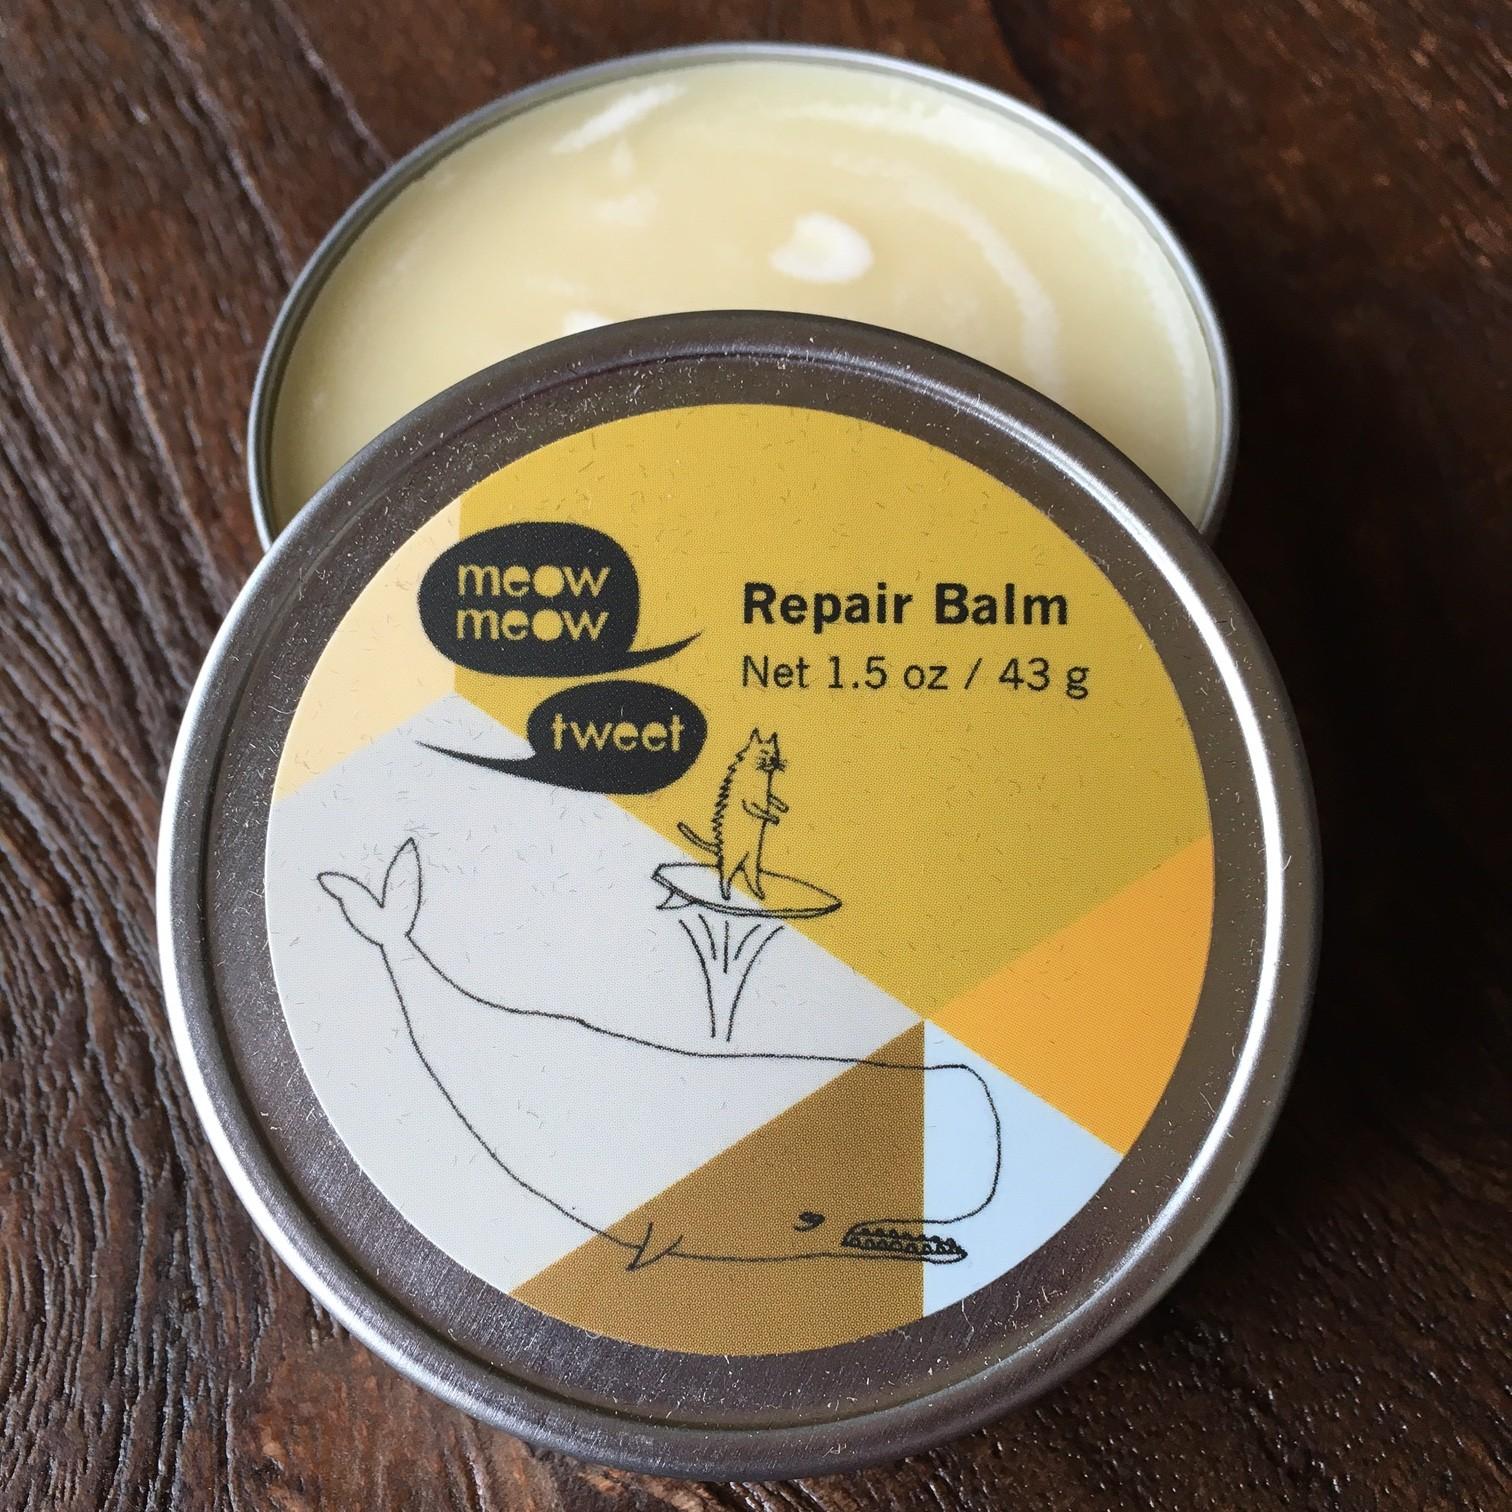 Meow Meow Tweet repair balm